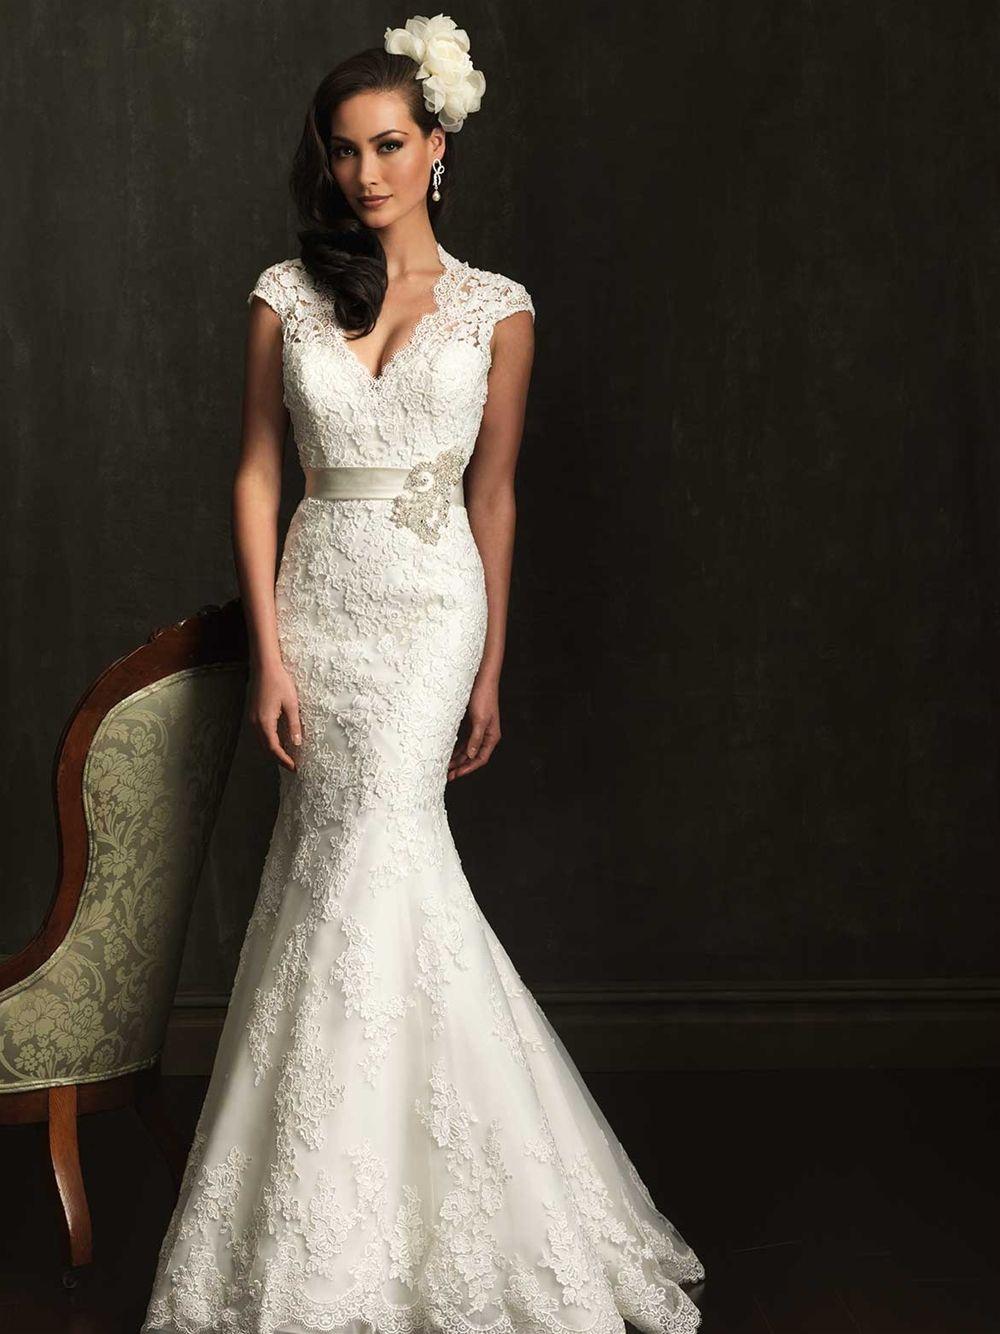 7a1ca1796832 Allure Bridals: Style: 9064 @Paulina P P P @Stephanie Close Close Close  Palencia